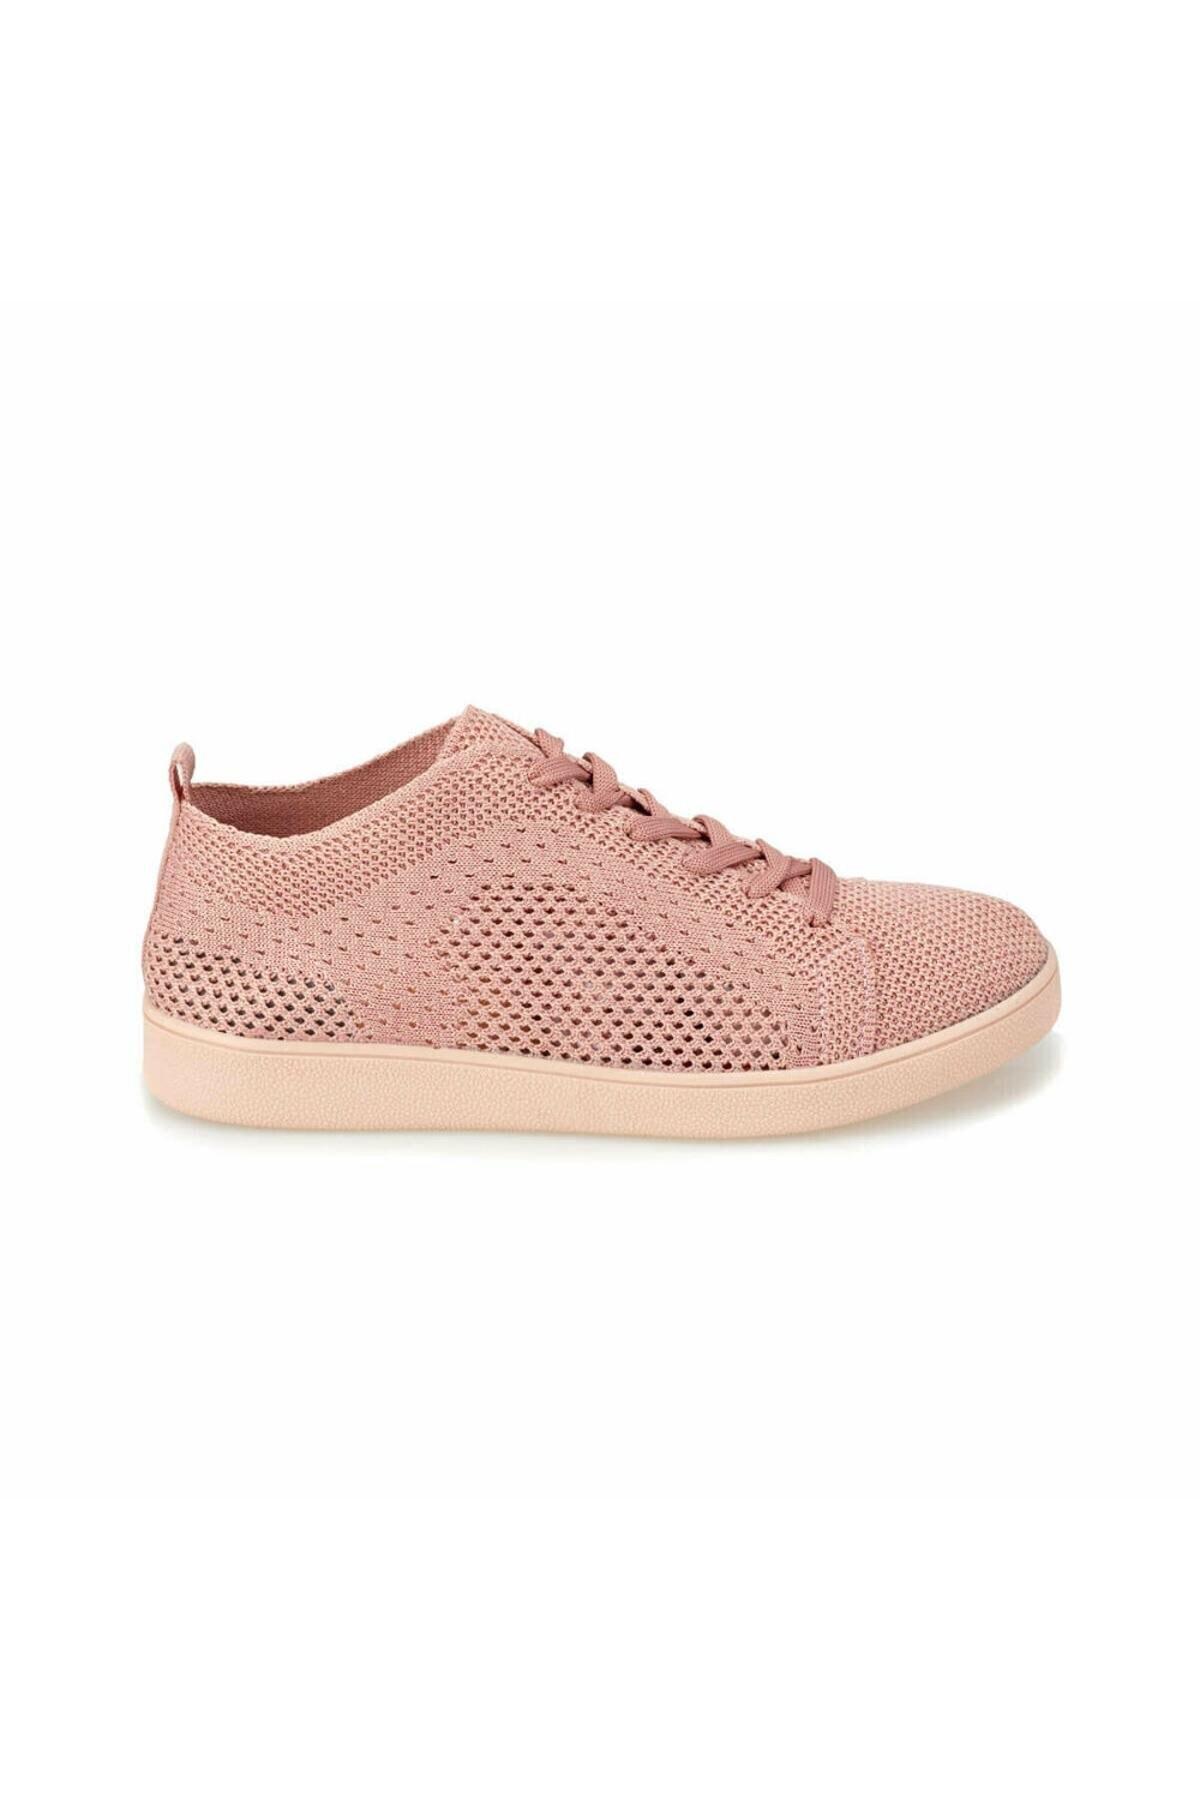 Kinetix ALMIR Pembe Kadın Sneaker Ayakkabı 100369902 2